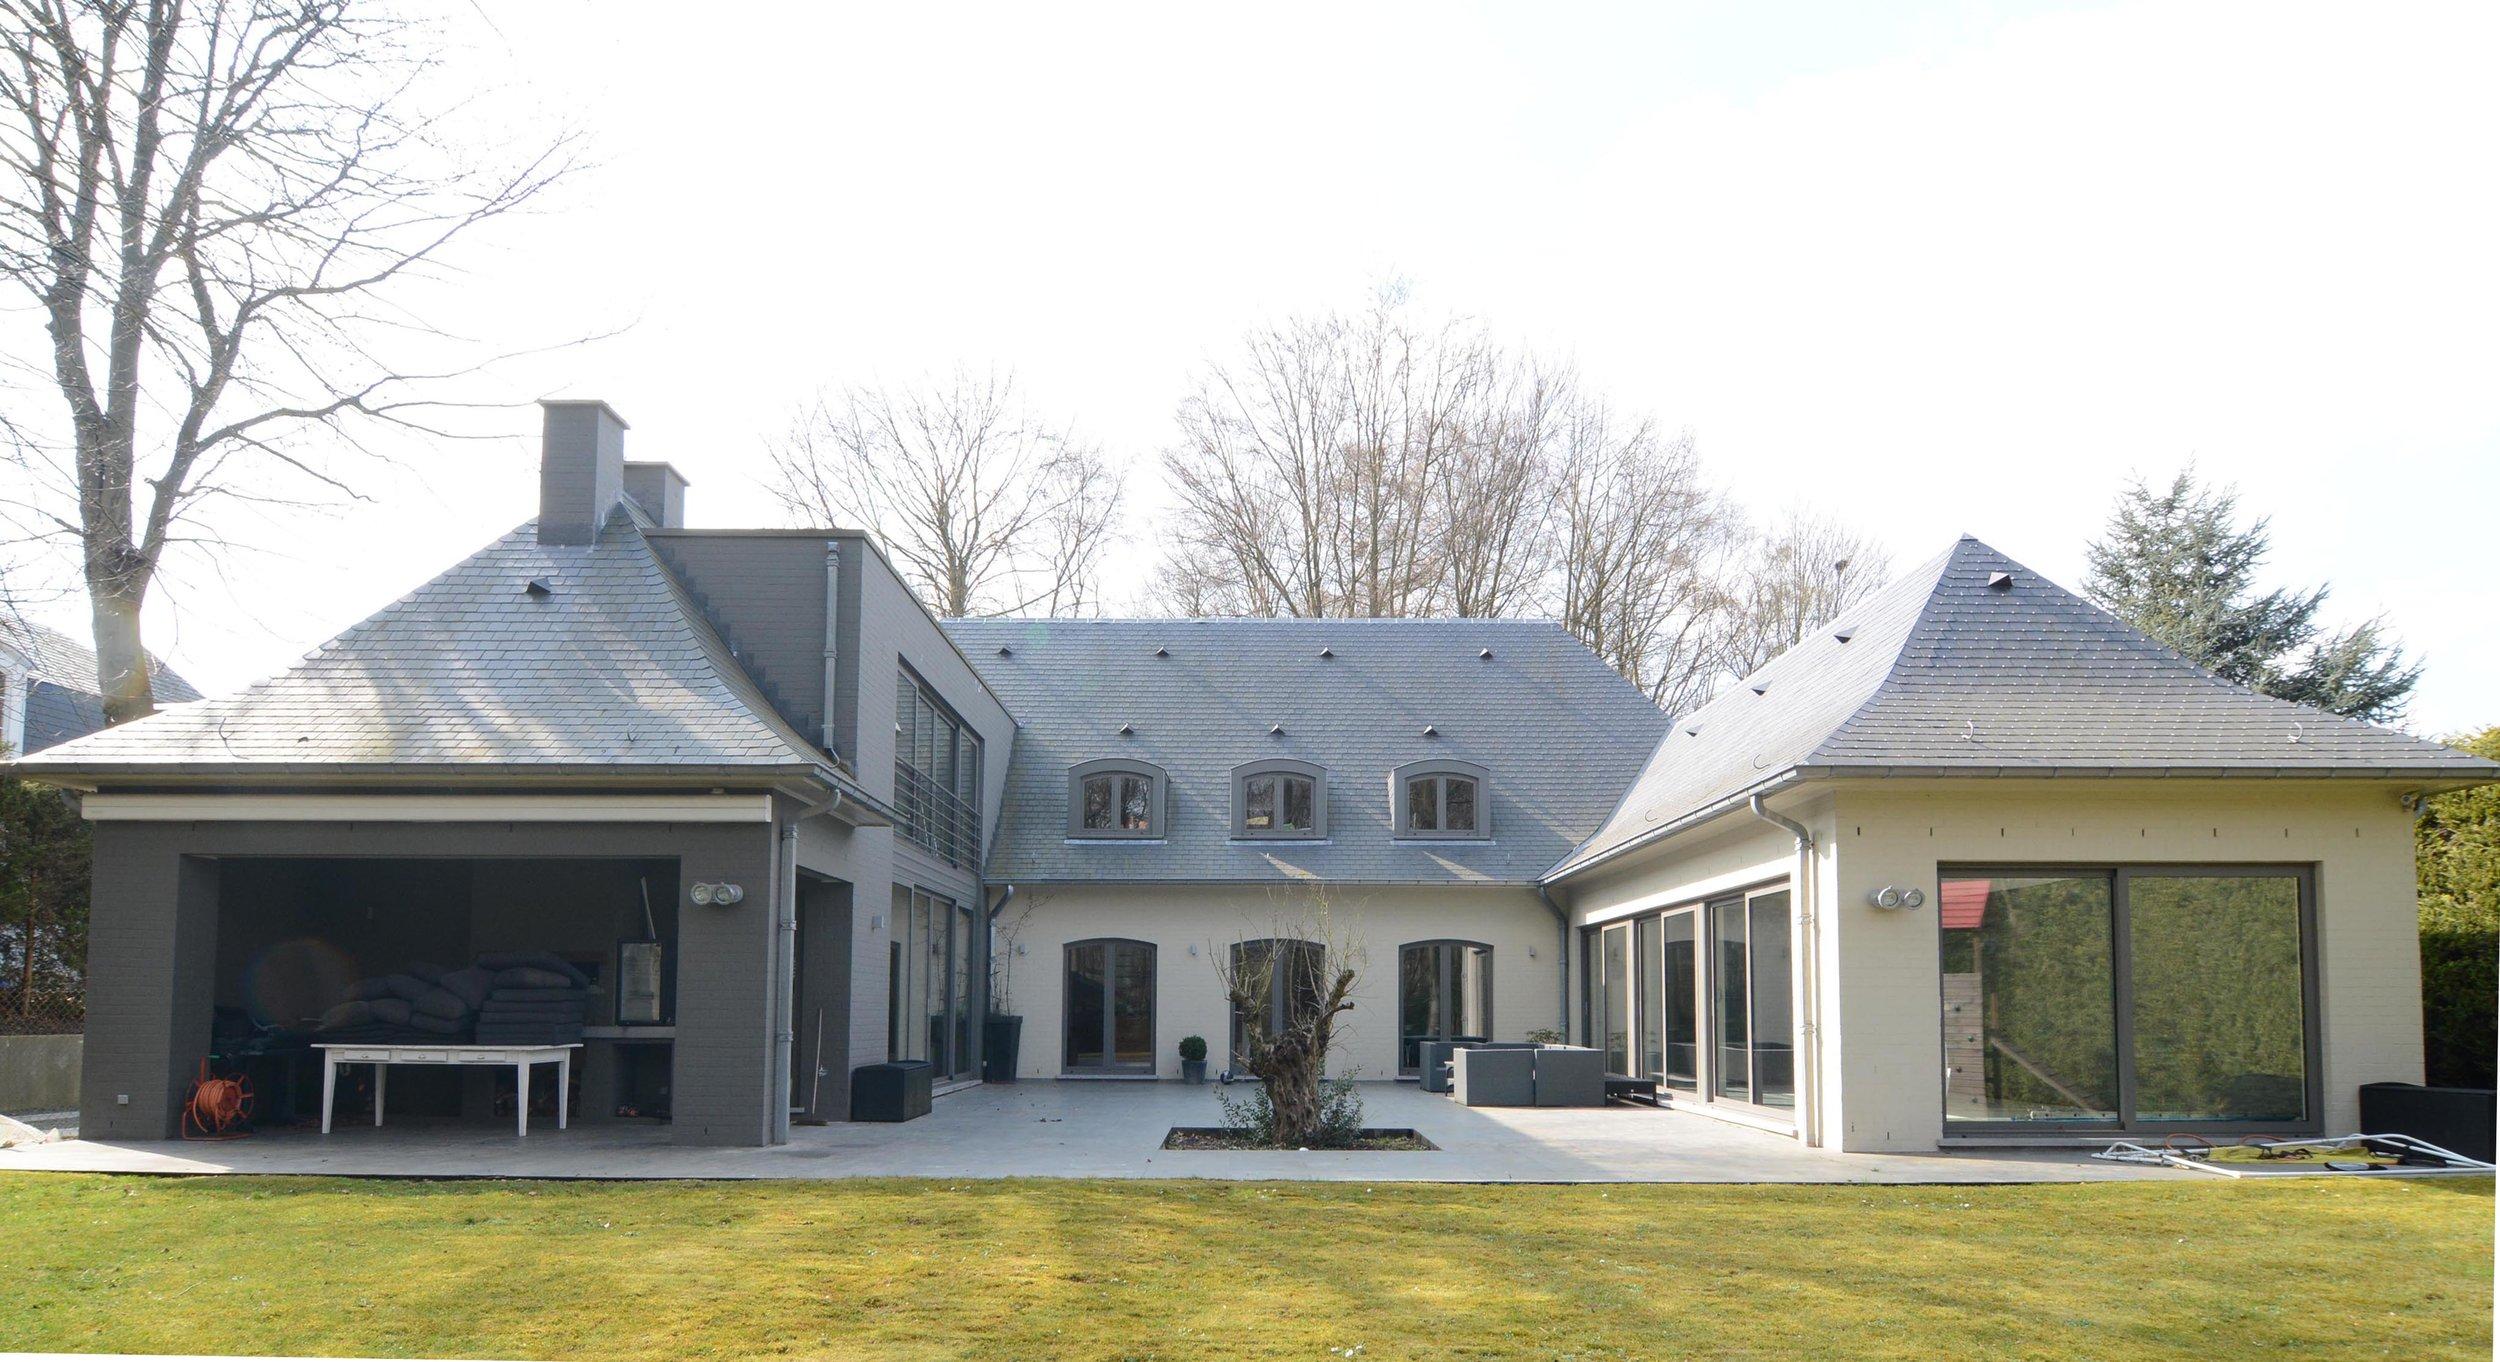 Châtaignes  - Ajout de deux grandes extensions latérales à une villa.